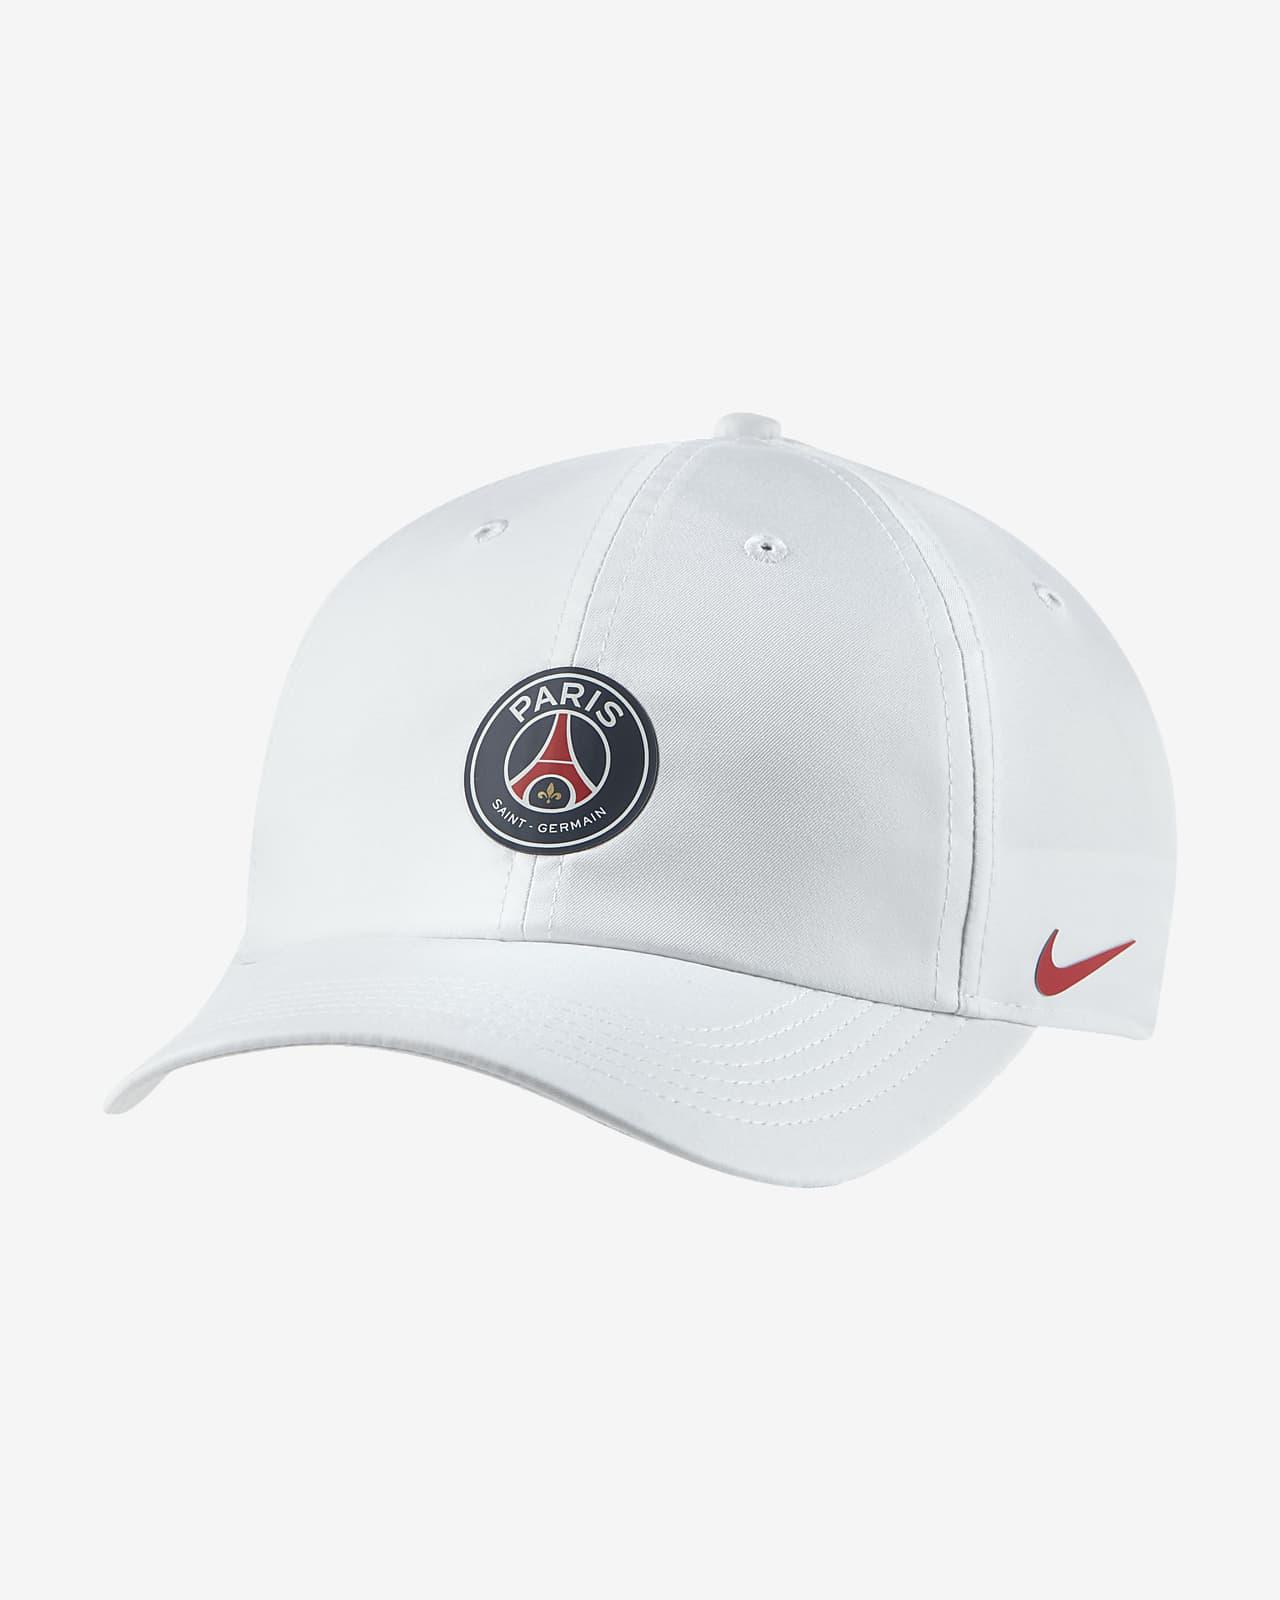 Casquette réglable Nike Dri-FIT Paris Saint-Germain Heritage86 pour Enfant